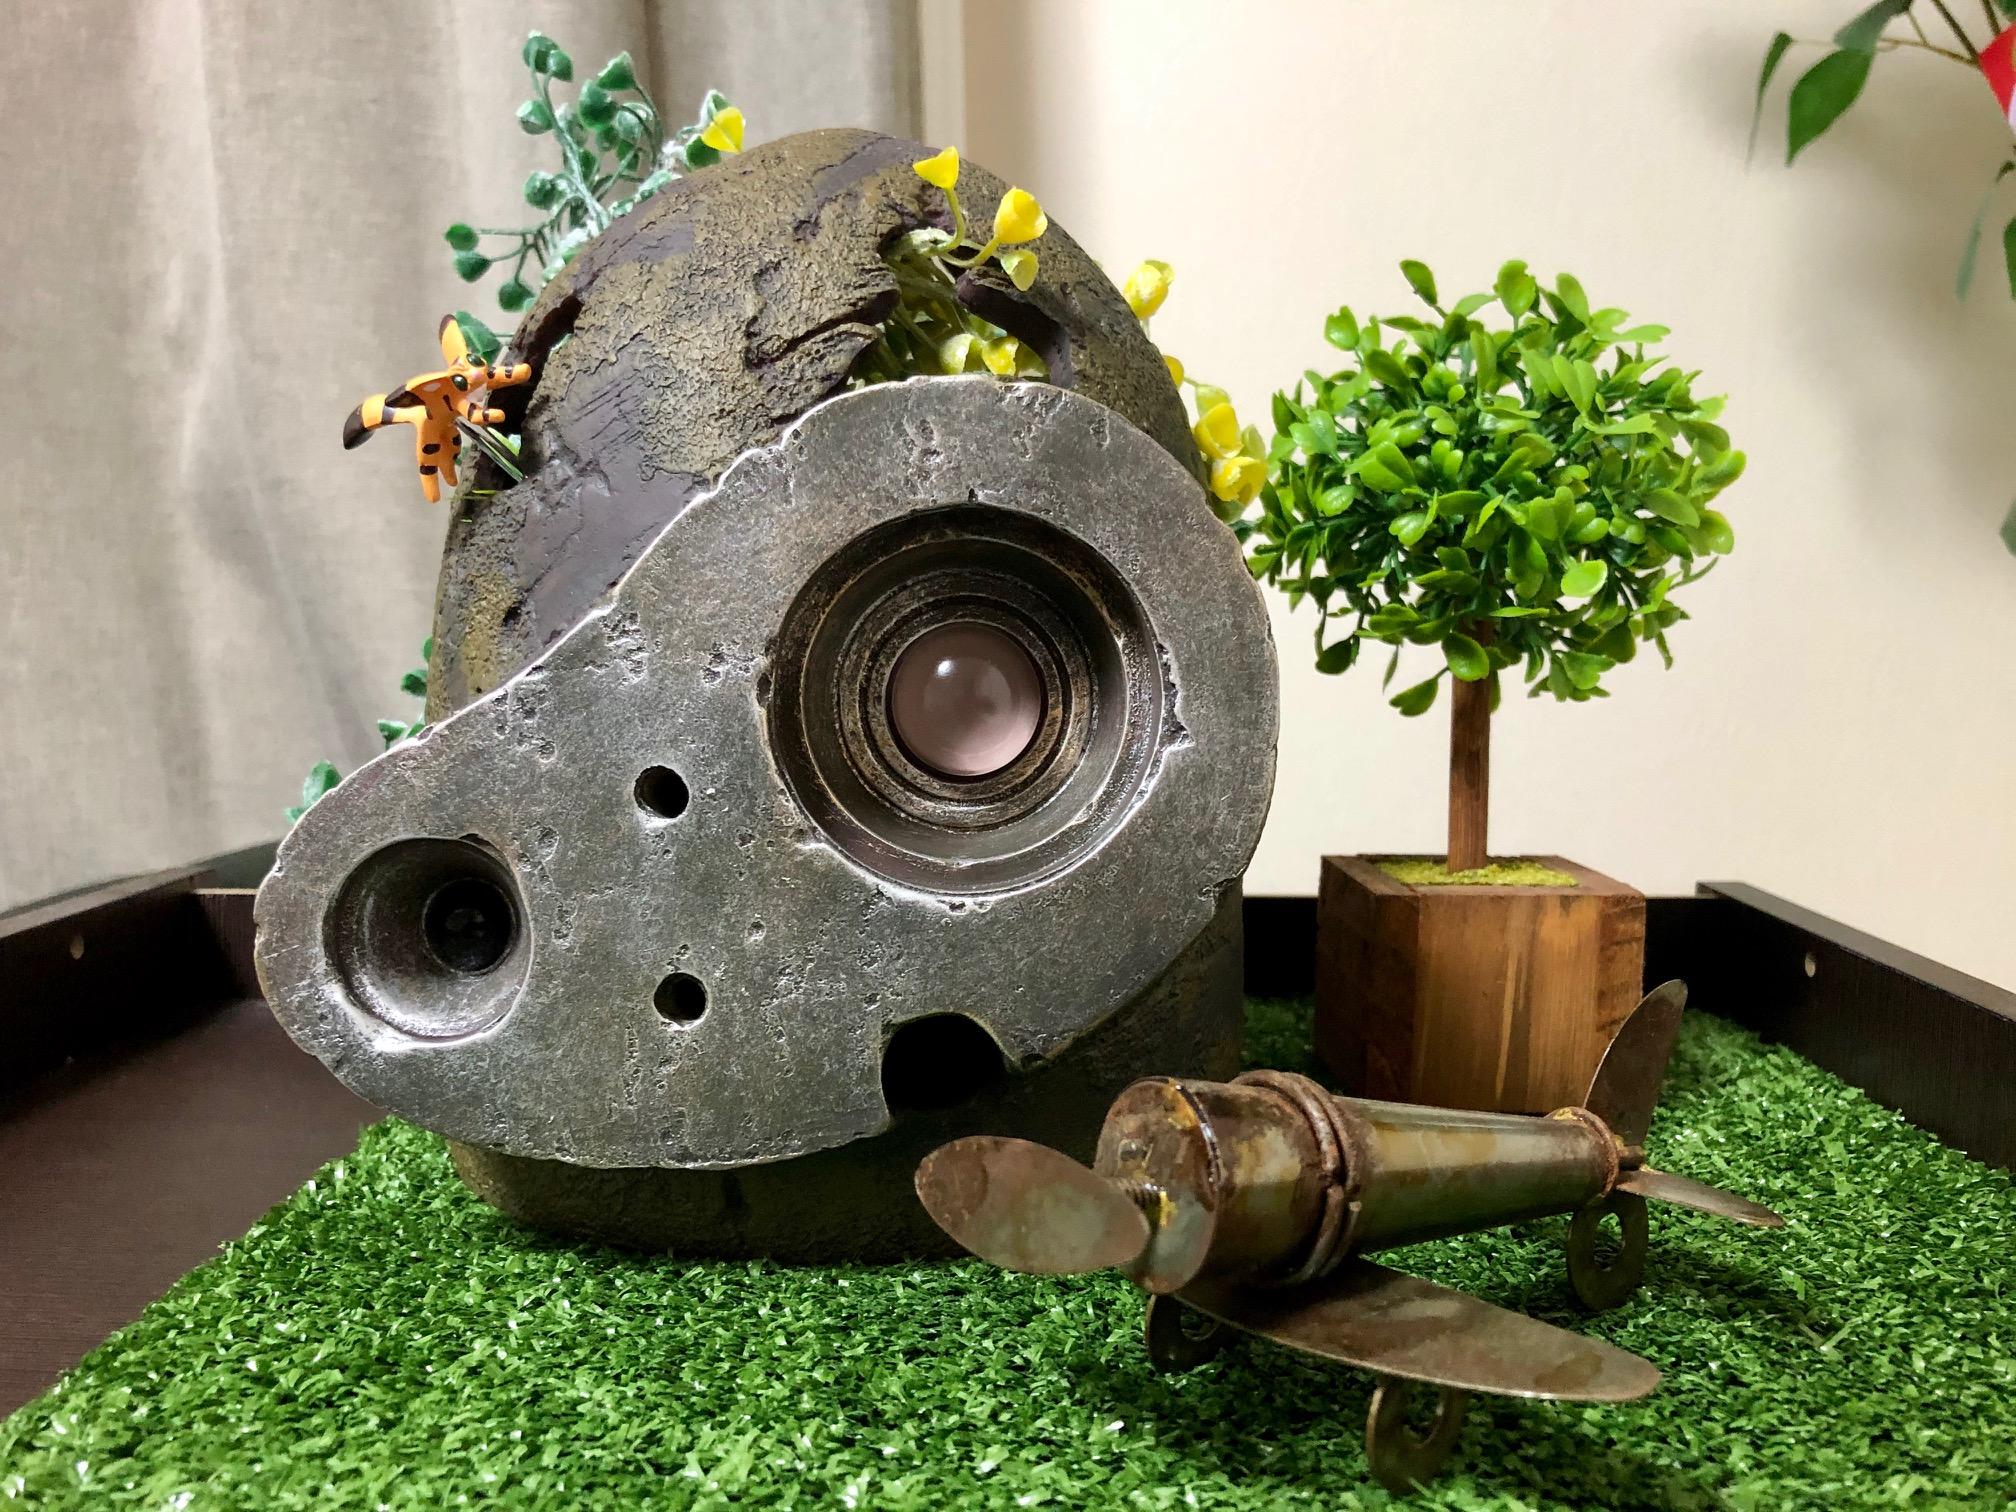 ラピュタ ロボット兵 プランター